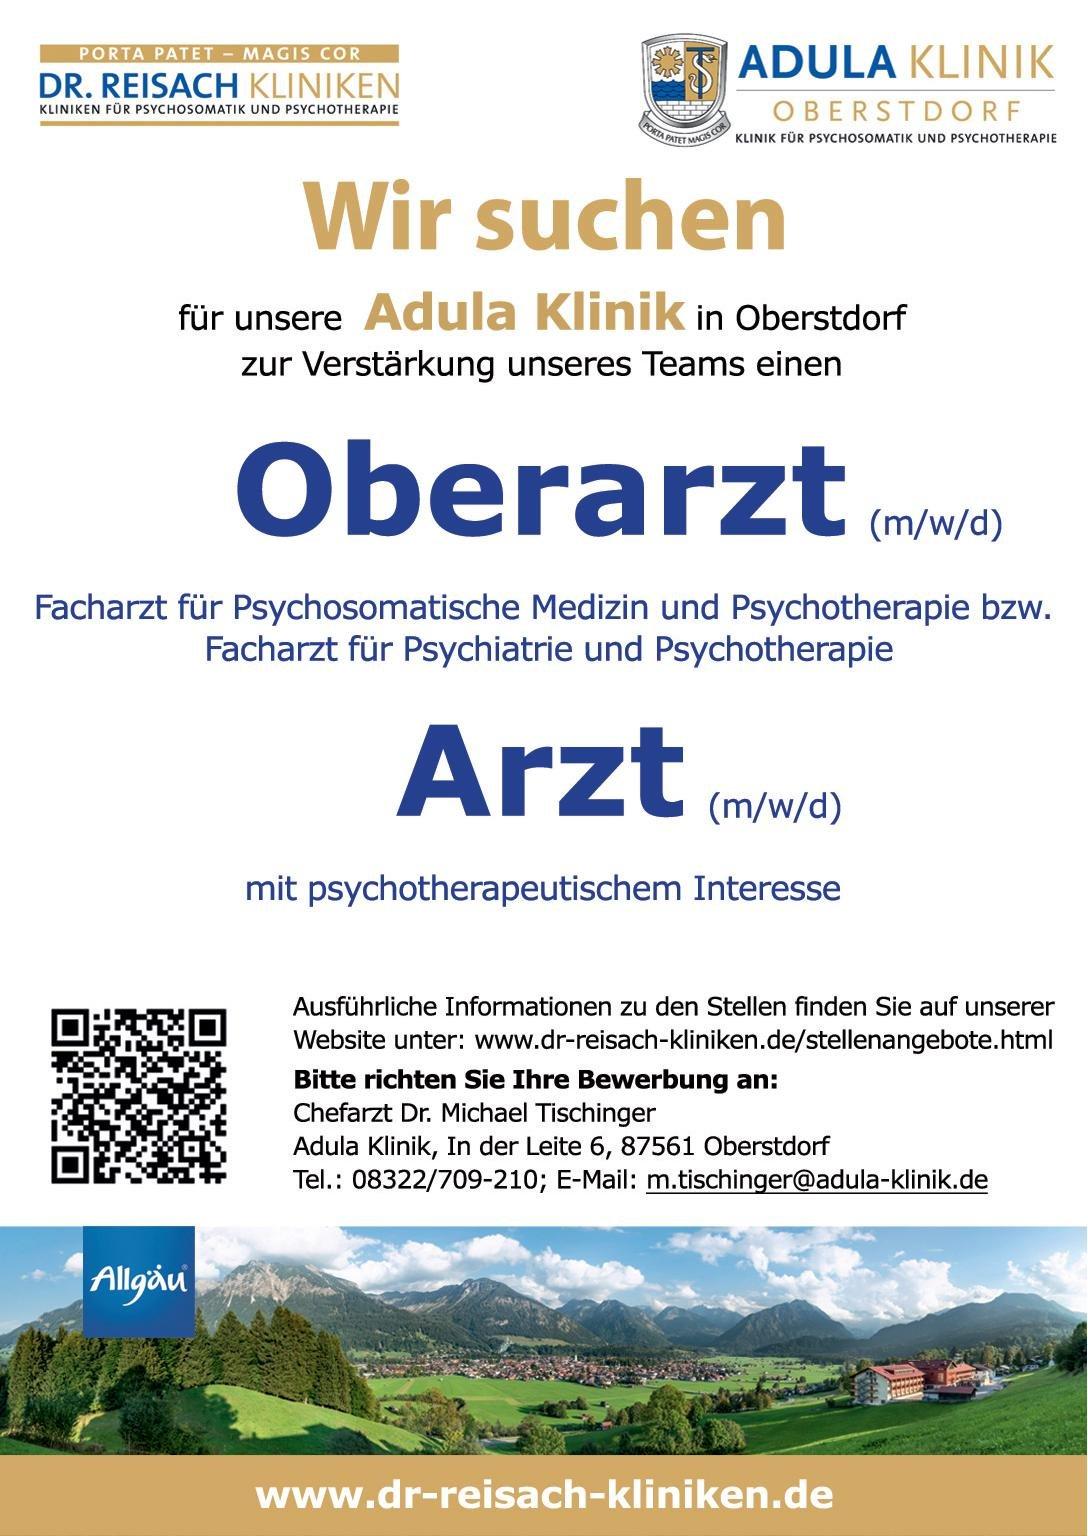 Adula Klinik Oberarzt (m/w/d) Facharzt für Psychosomatische Medizin und Psychotherapie bzw. Facharzt für Psychiatrie und Psychotherapie  Psychiatrie und Psychotherapie, Psychiatrie und Psychotherapie, Psychosomatische Medizin und Psychotherapie Arzt / Facharzt, Oberarzt